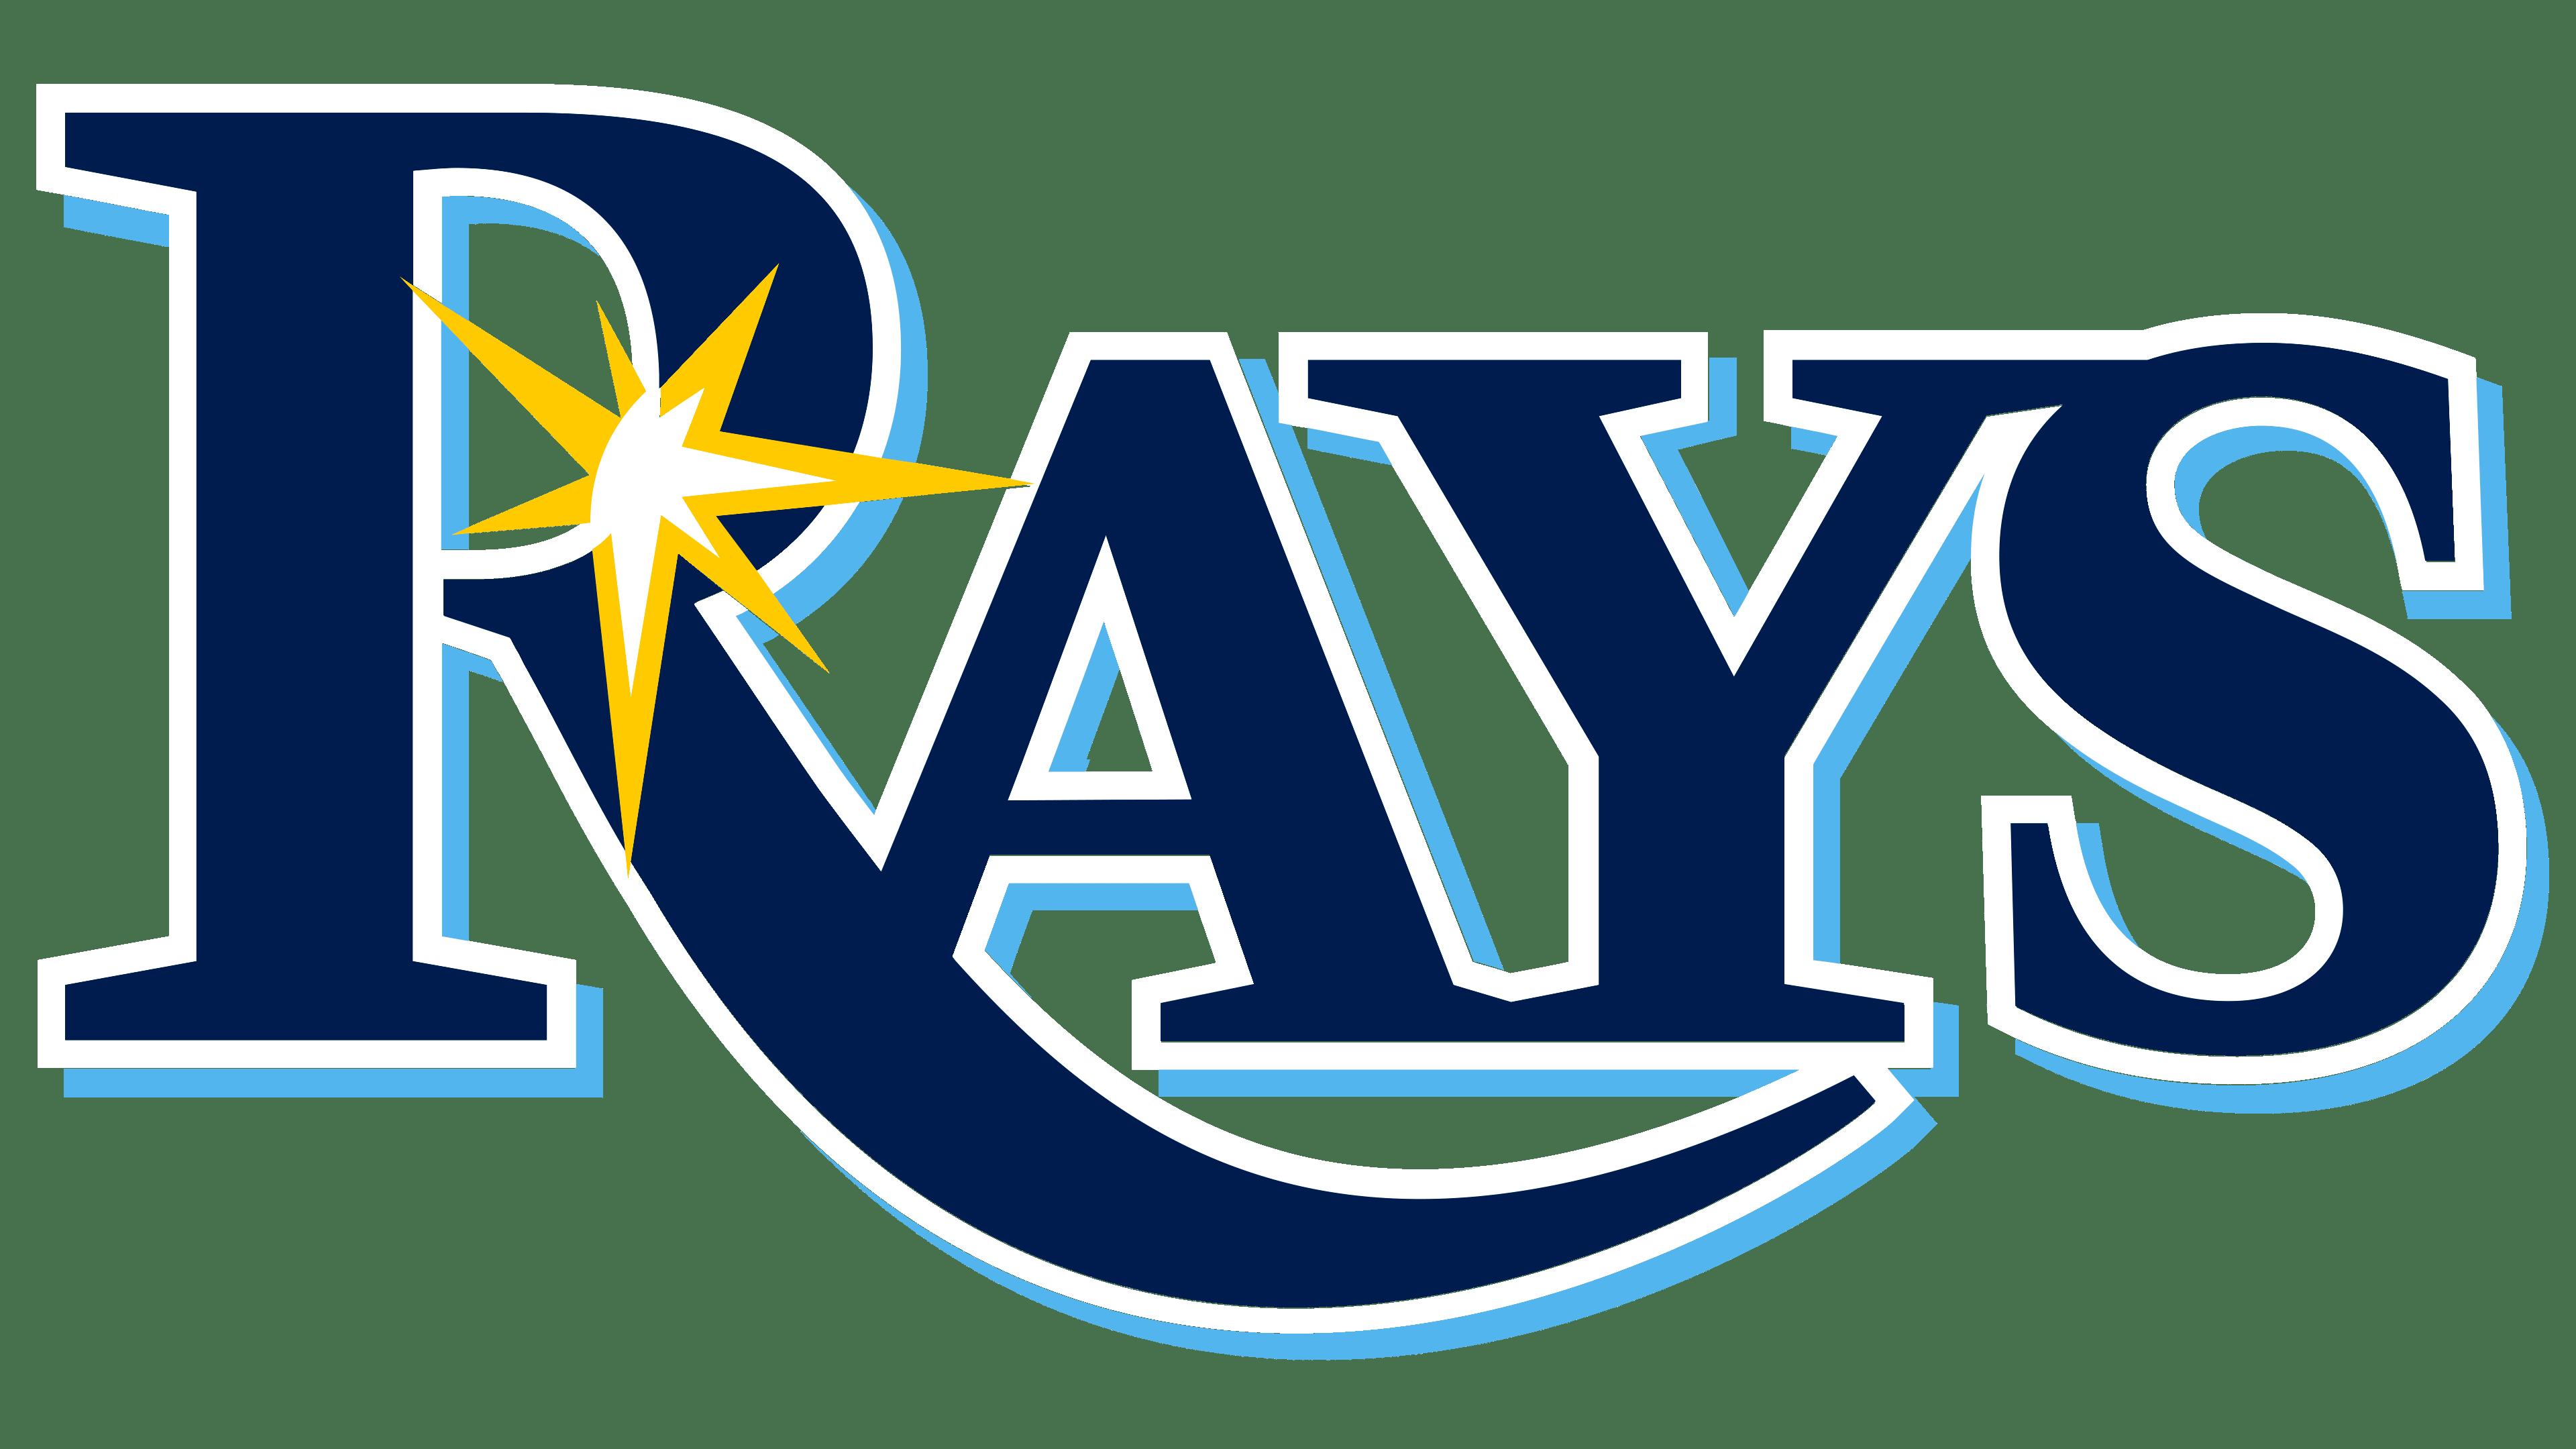 Tampa Bay Rays Logos.